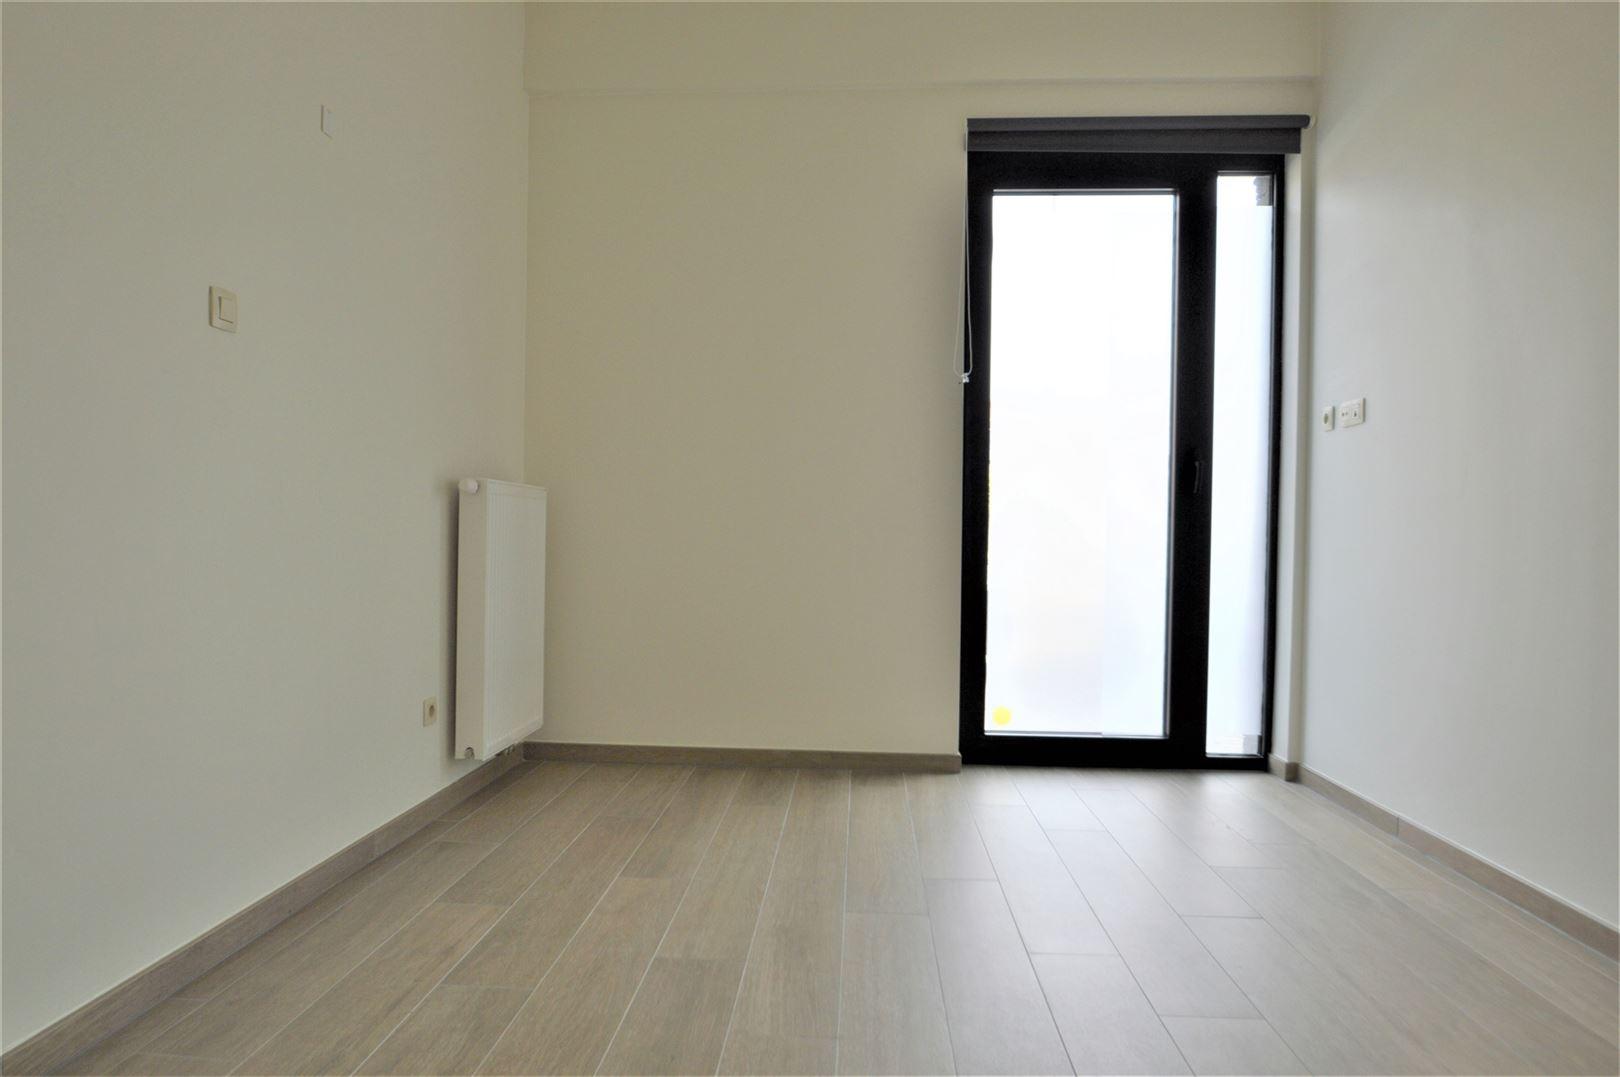 Foto 9 : Appartement te 9200 SINT-GILLIS-BIJ-DENDERMONDE (België) - Prijs € 775